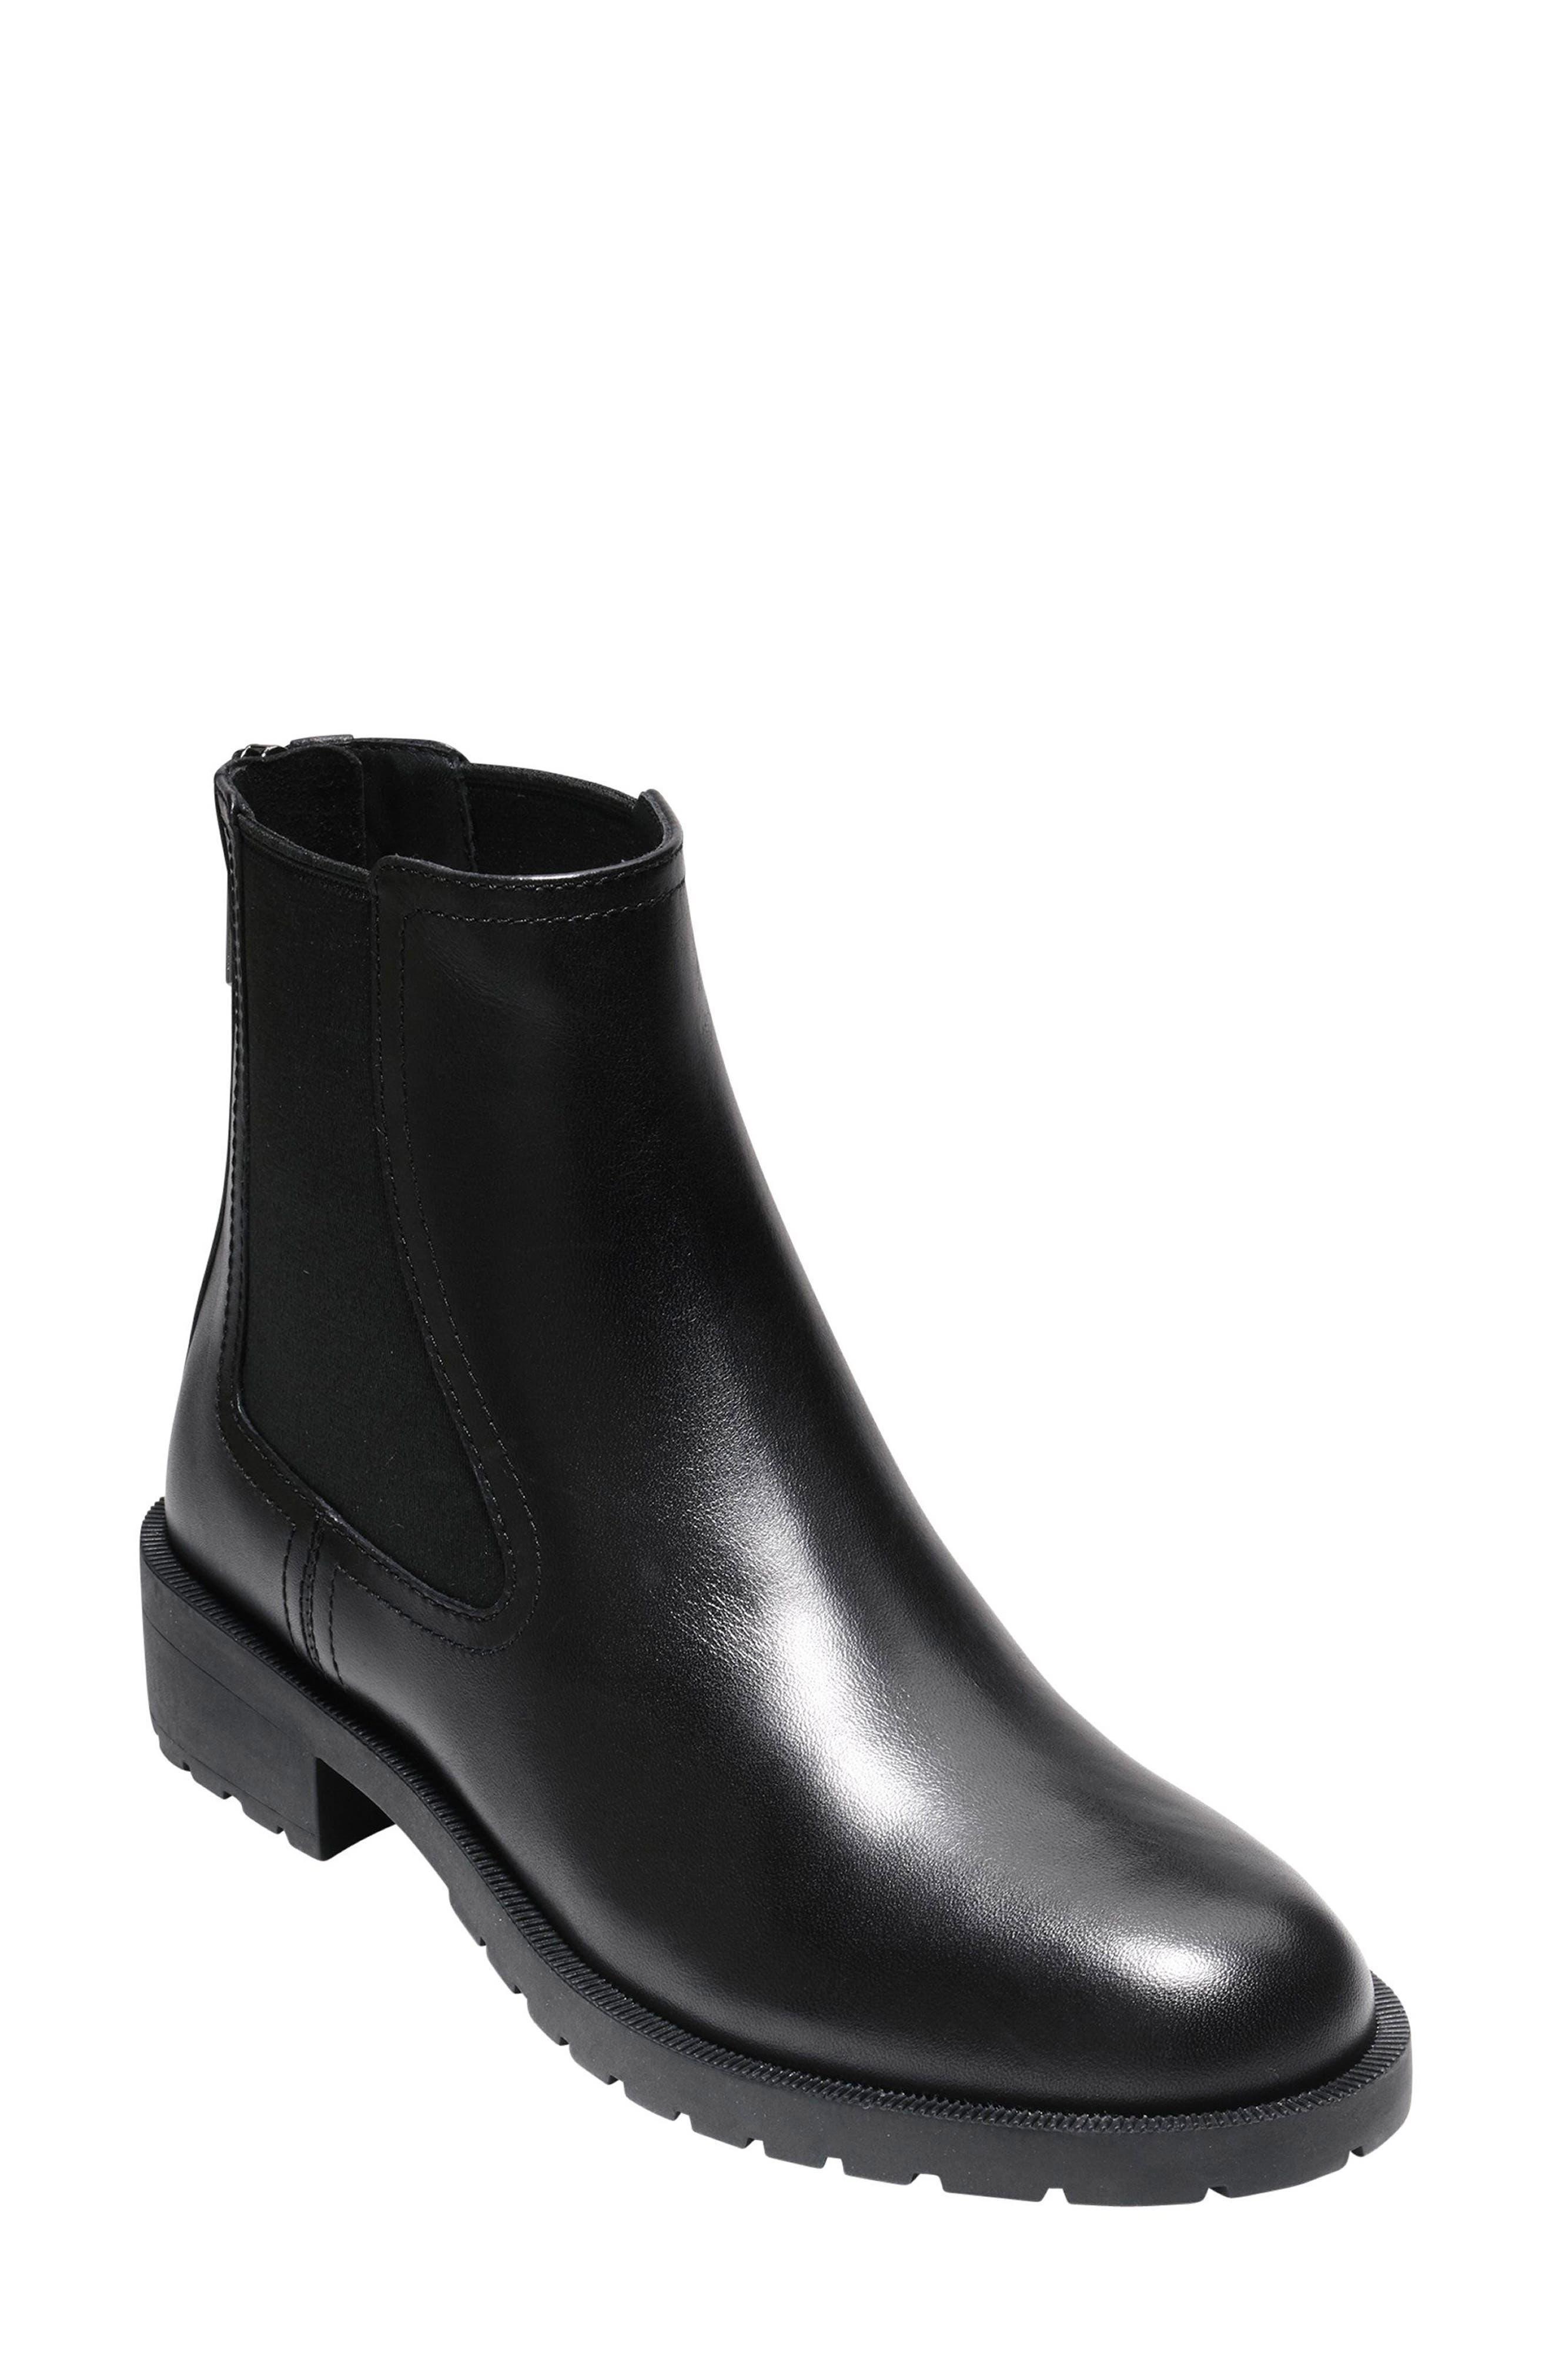 Main Image - Cole Haan Stanton Weatherproof Chelsea Boot (Women)